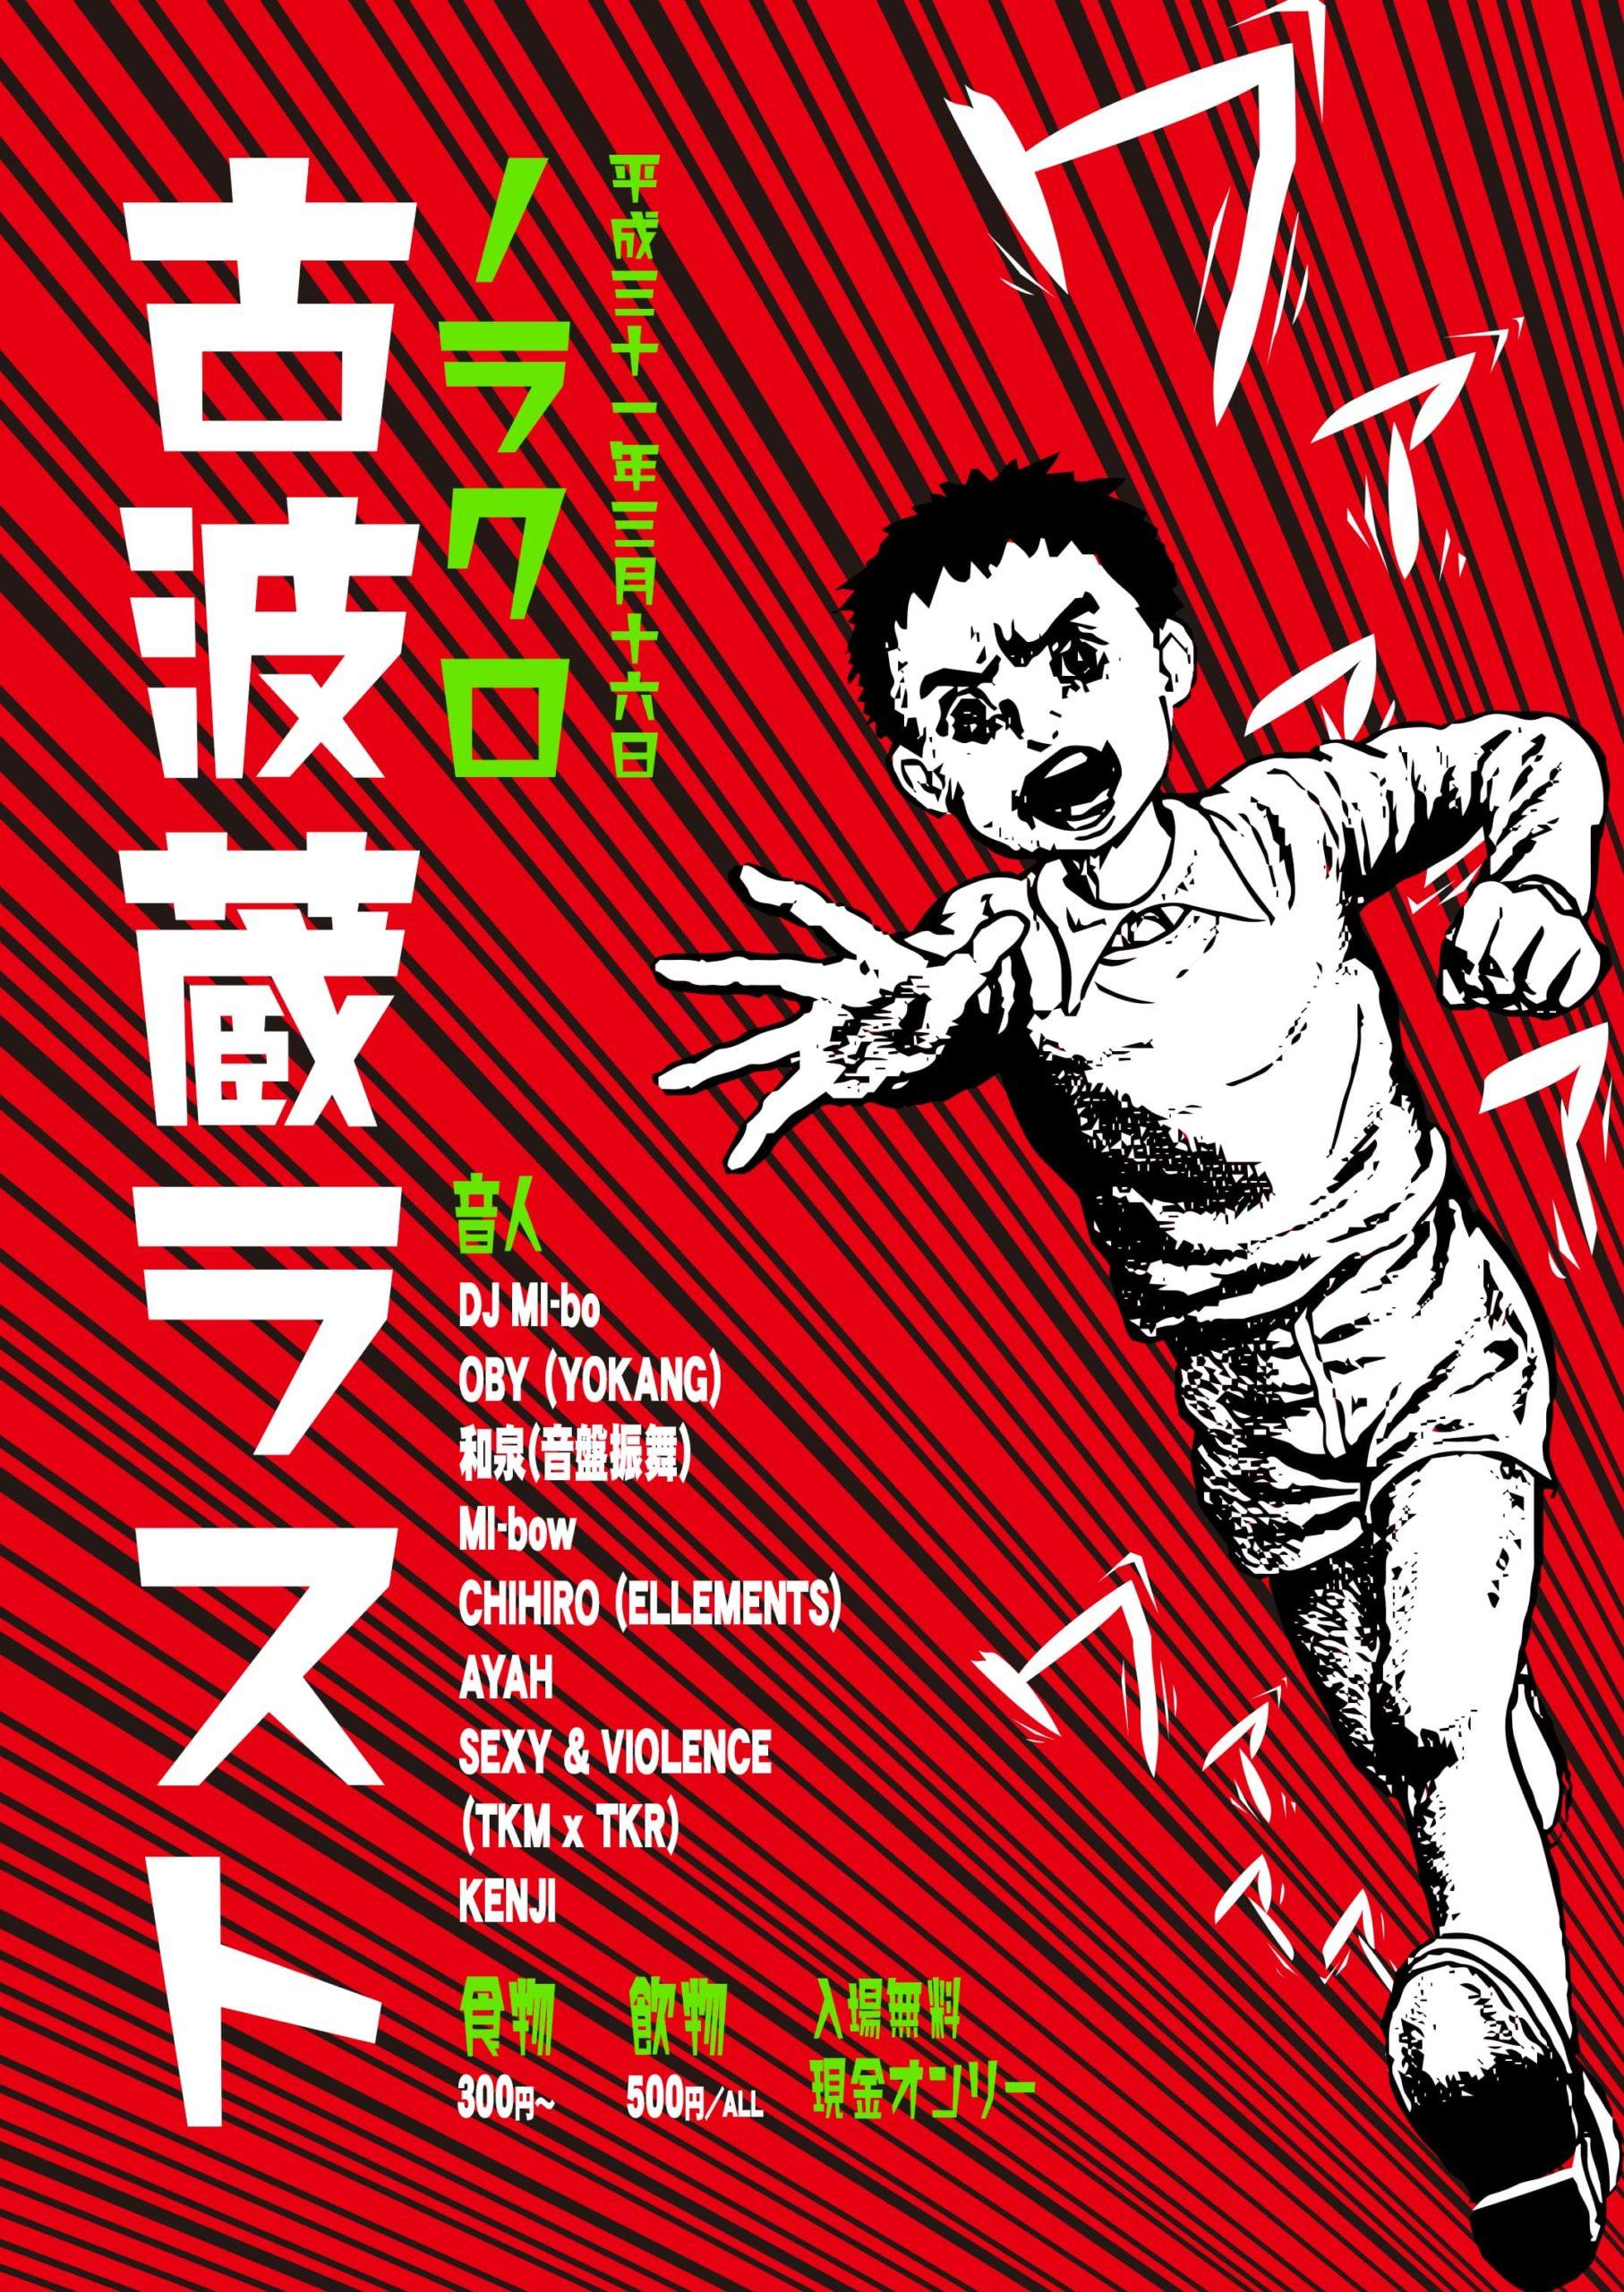 Noracro古波蔵ラストポスター/A3フライヤーデザイン